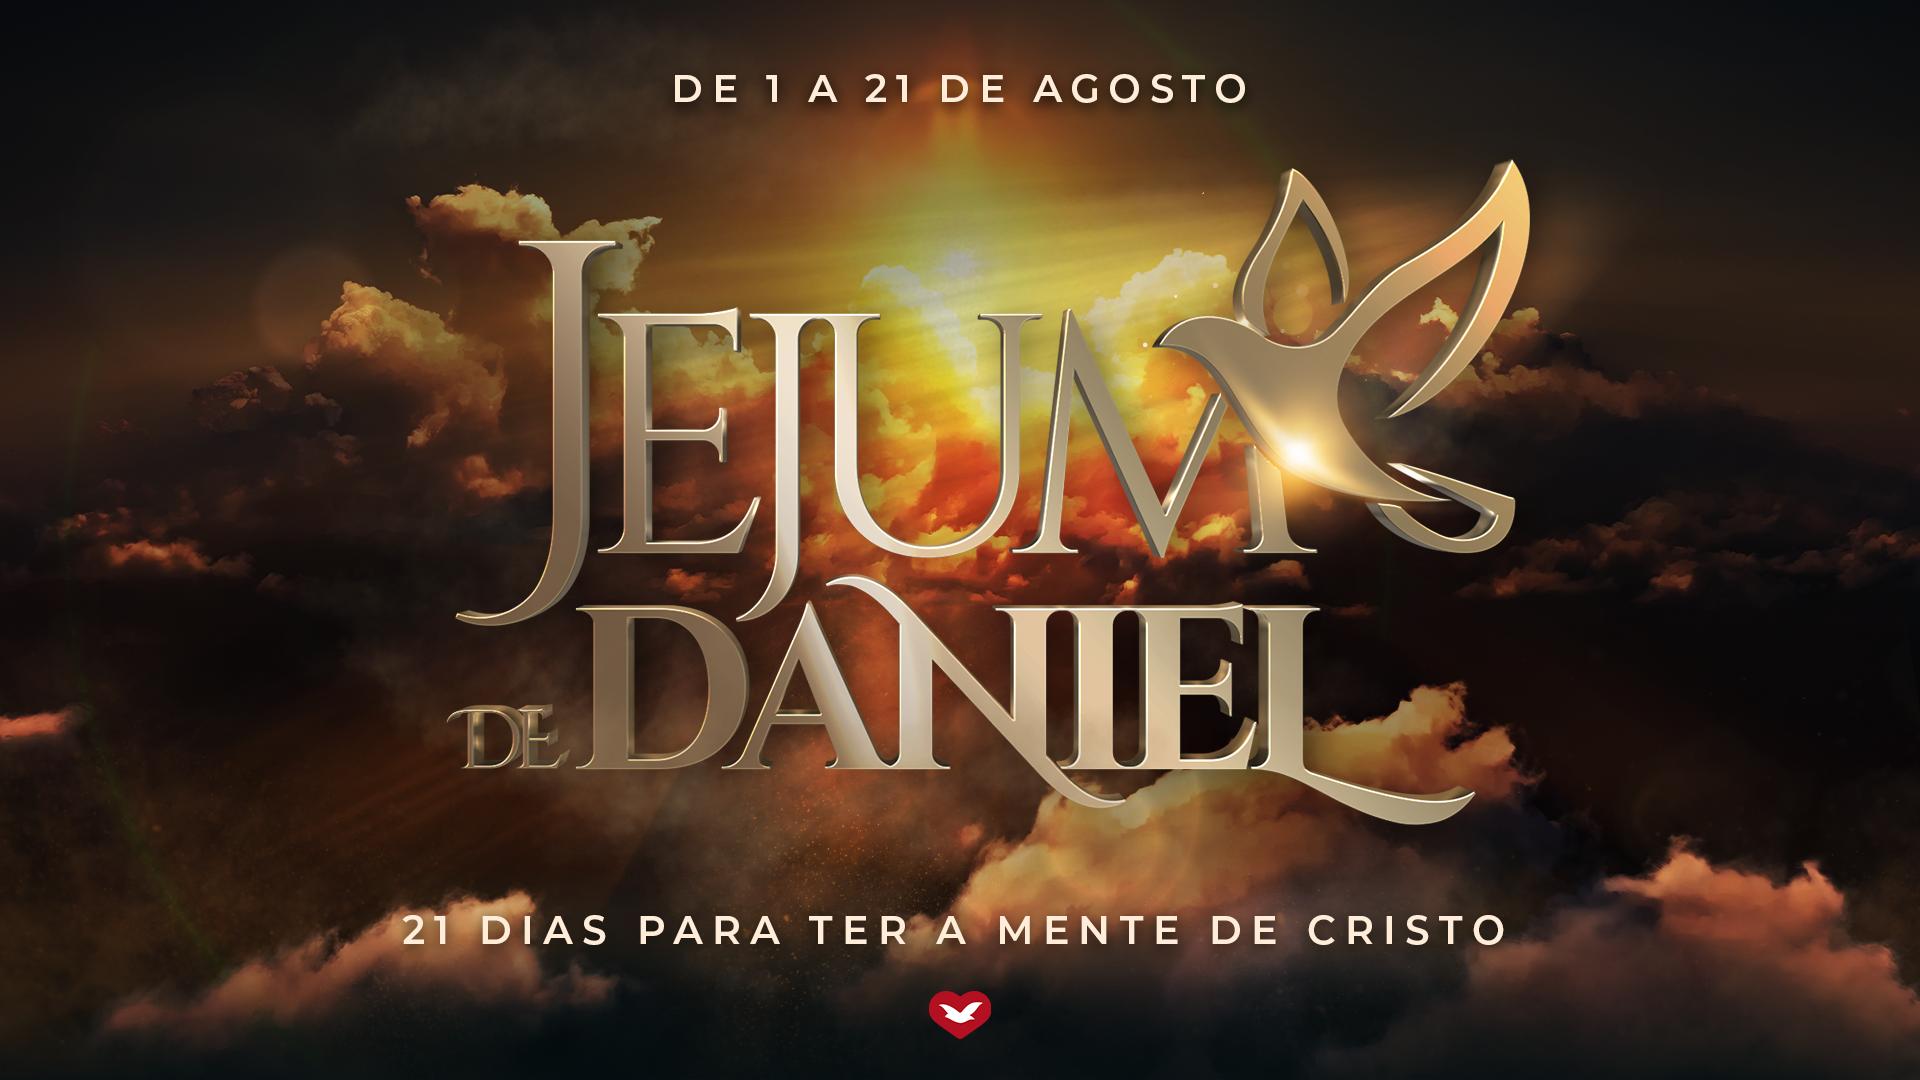 Jejum de Daniel: 21 dias para ter a mente de Cristo